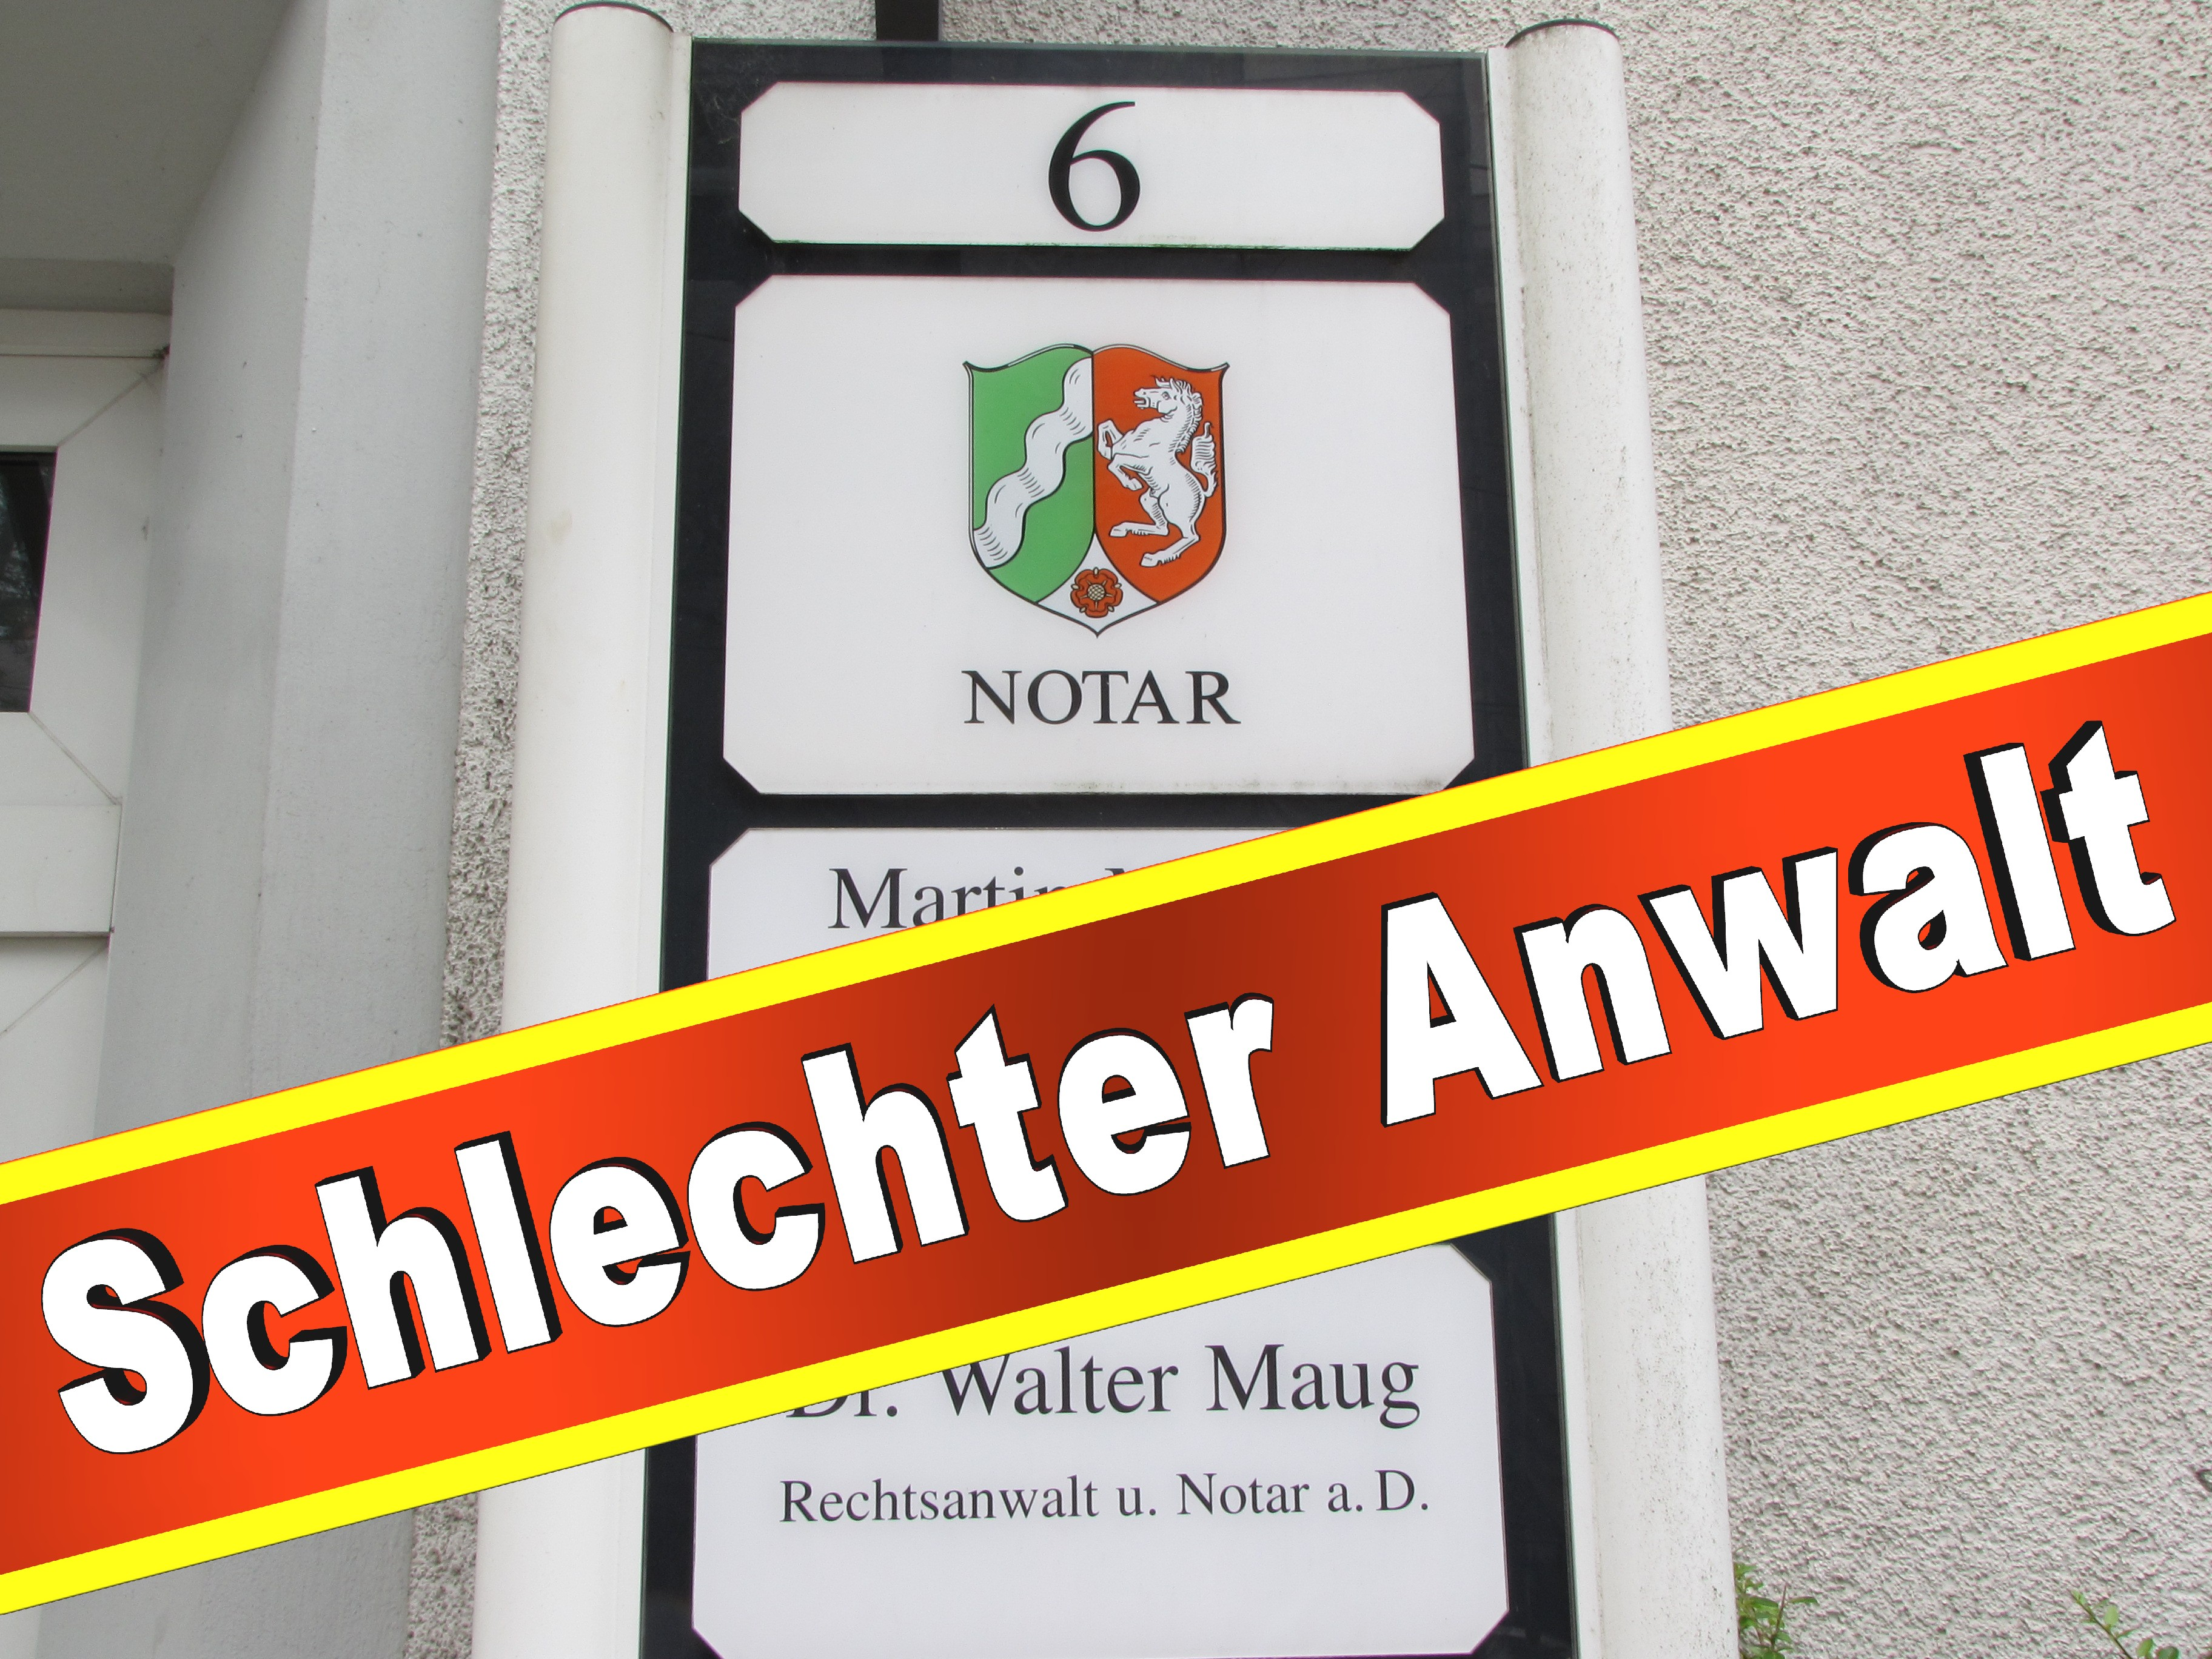 Rechtsanwalt Martin Mücke Bielefeld Maug Und Mücke Kanzlei Rechtsanwaltskanzlei (5)